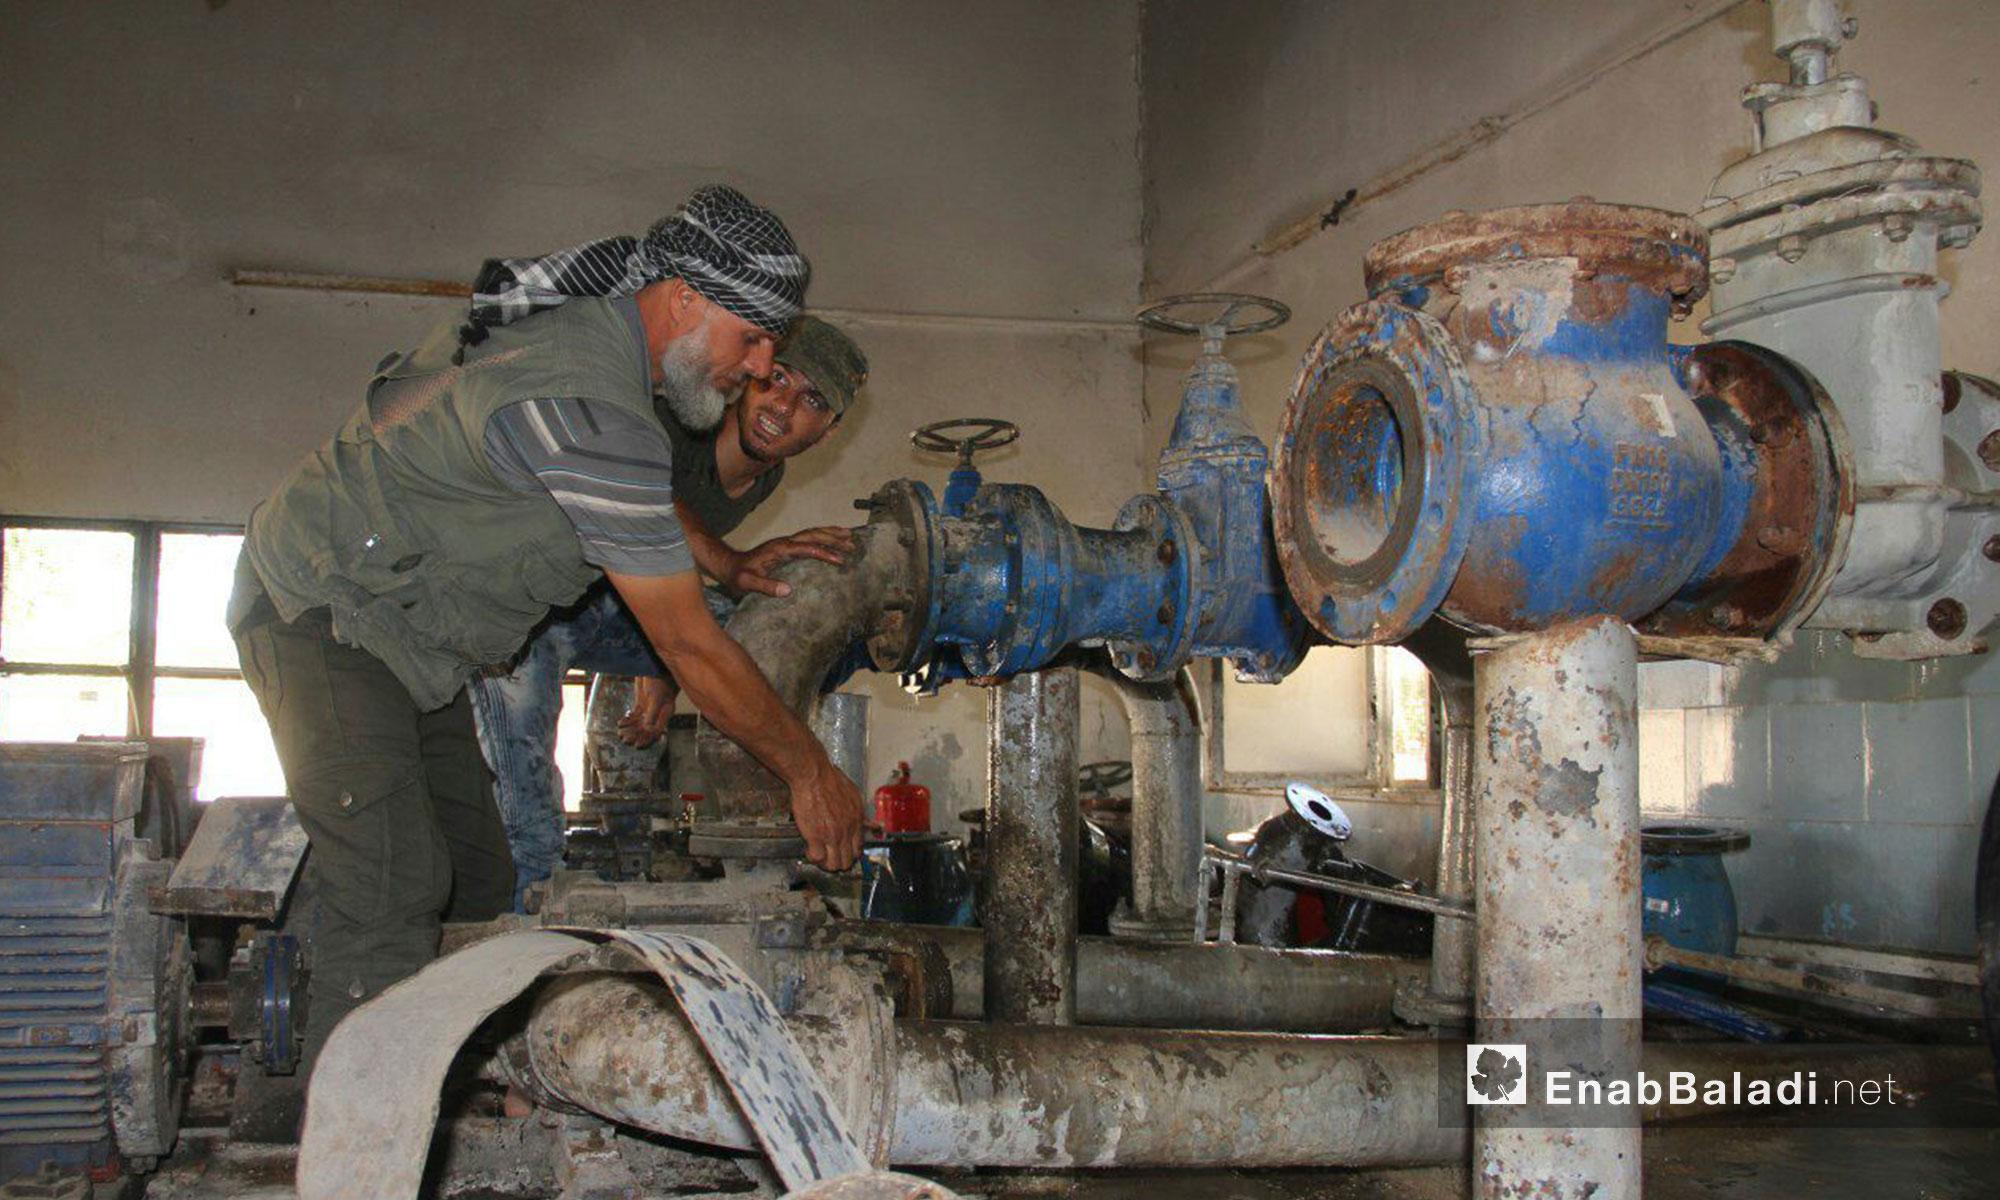 صيانة خراطيم ومعدات الآبار تجهيزًا لتشغيلها في بلدة قليدين في سهل الفاب بريف حماة الغربي - 9 تموز 2017 (عنب بلدي)